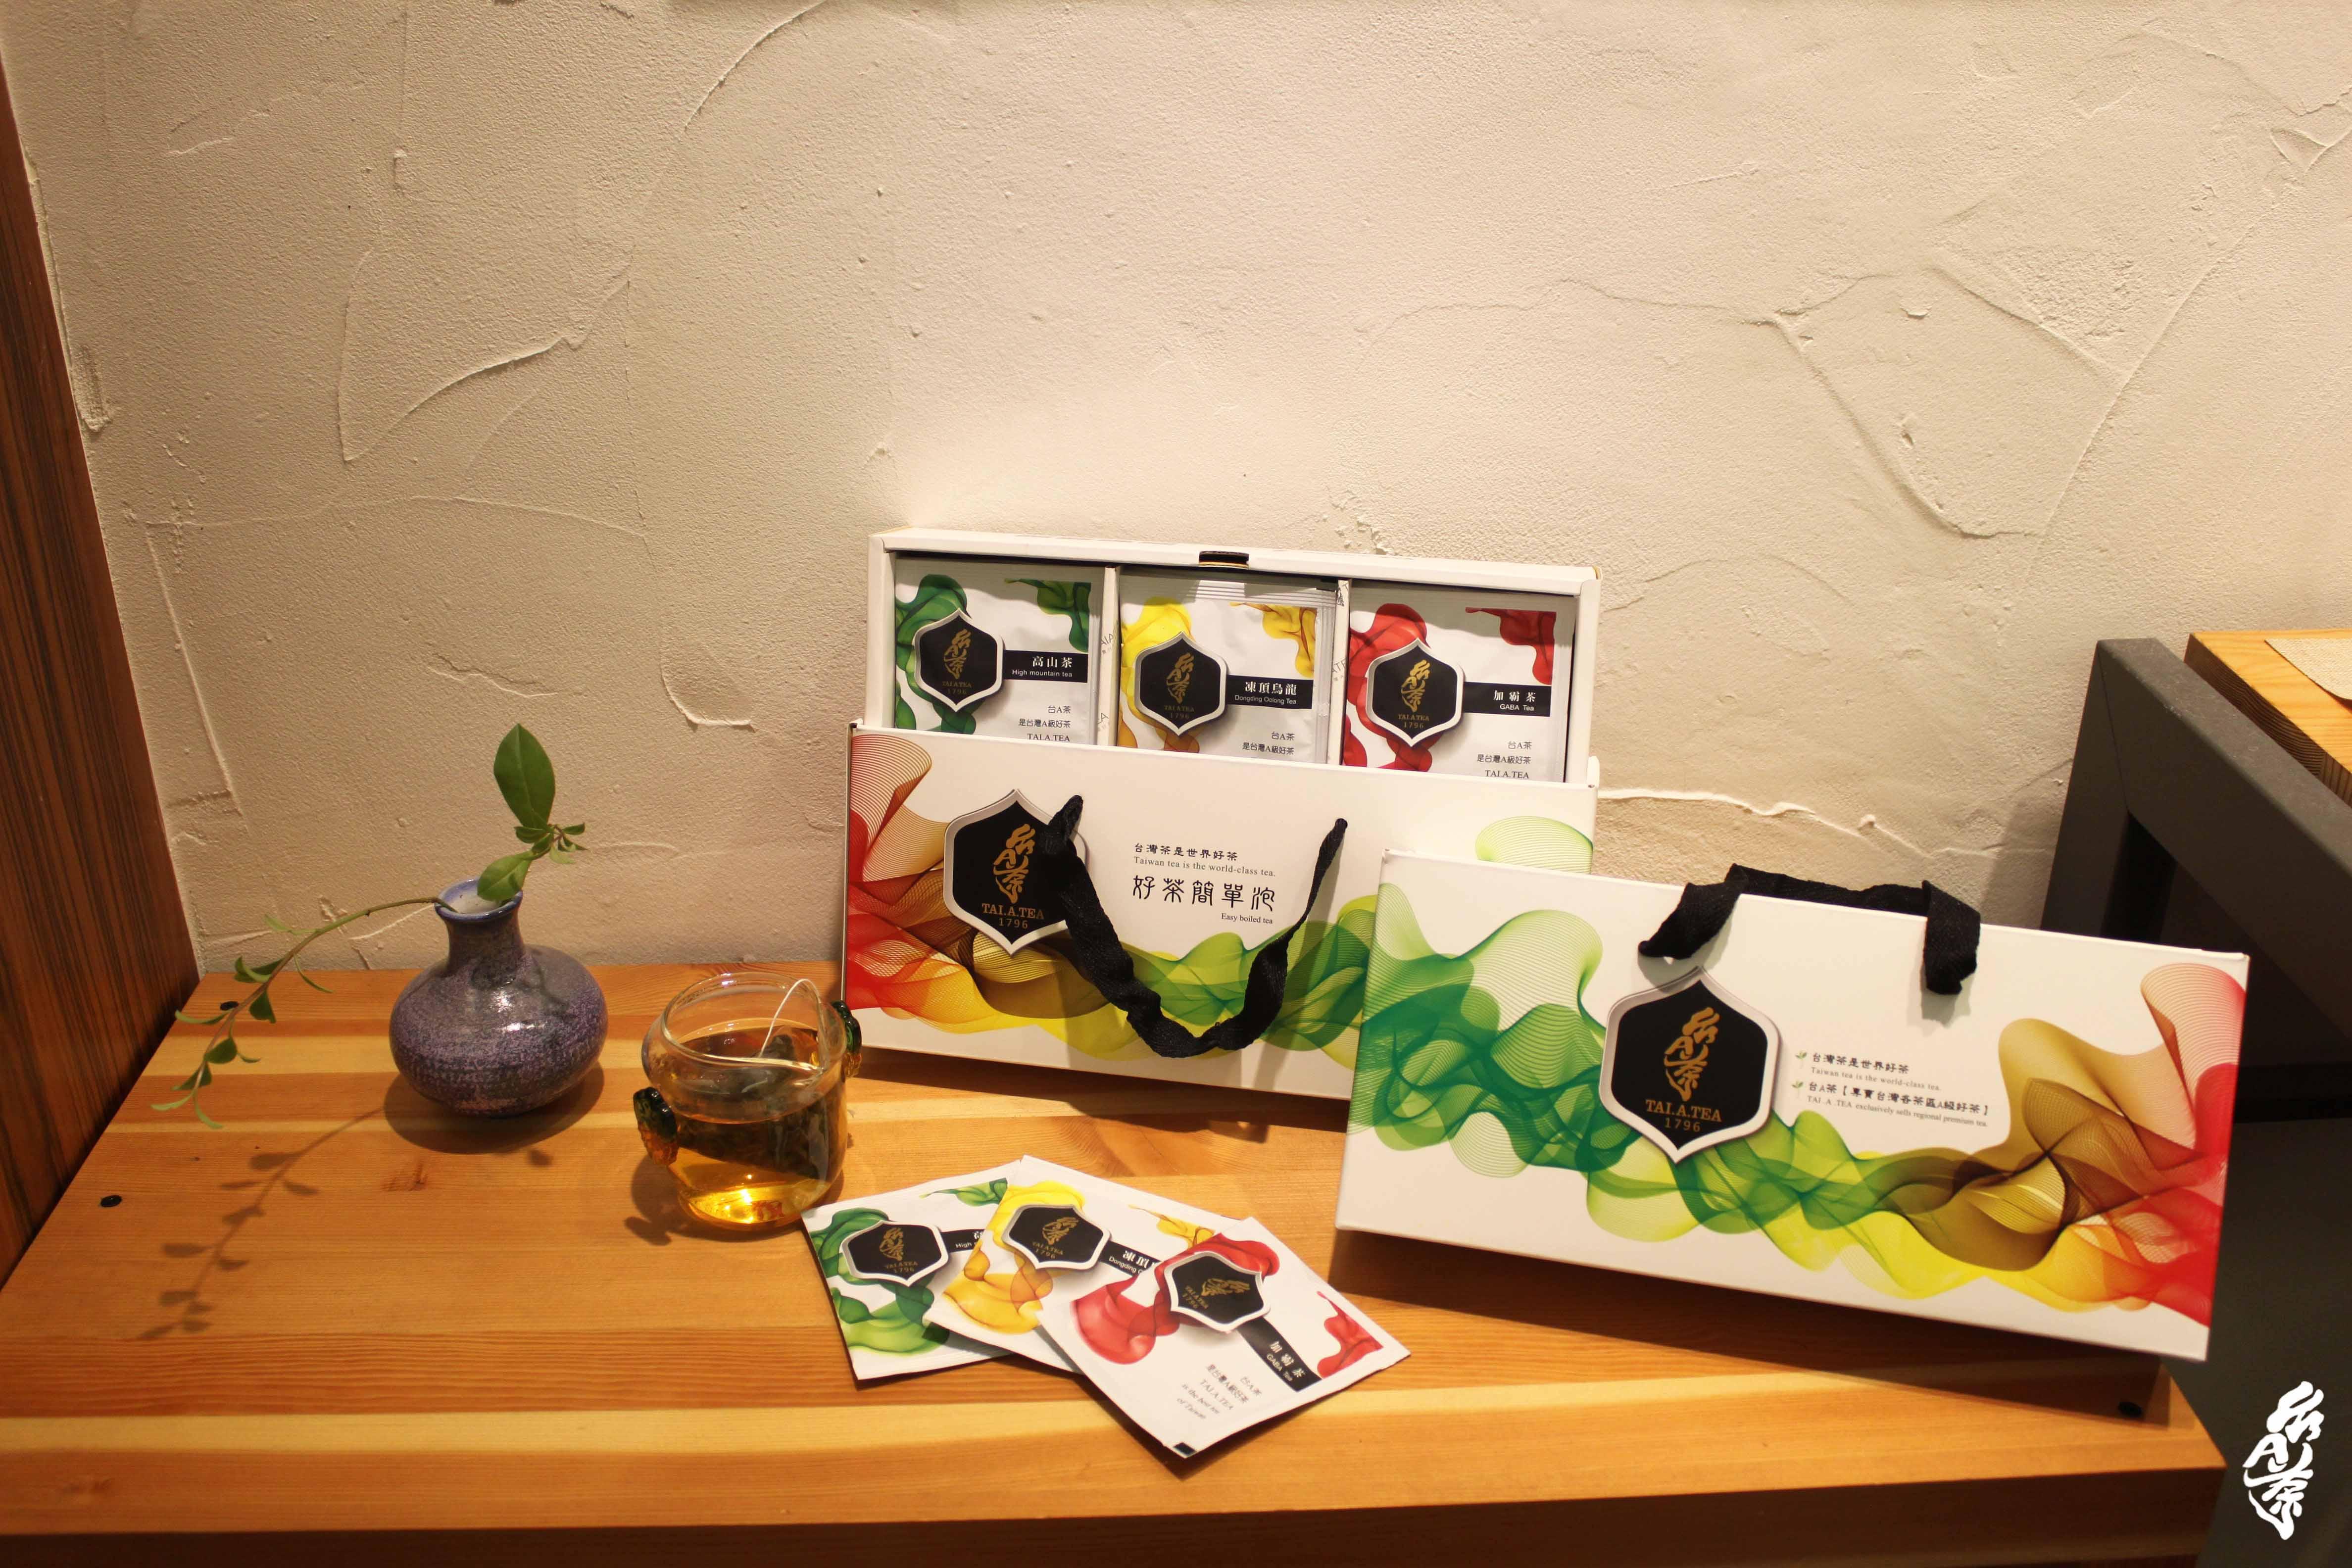 【台A茶taiatea】綜合原片茶葉包禮盒 21包/盒,上班族的最愛,過年的最佳伴手禮,三種口味一次滿足!輕鬆泡好茶!